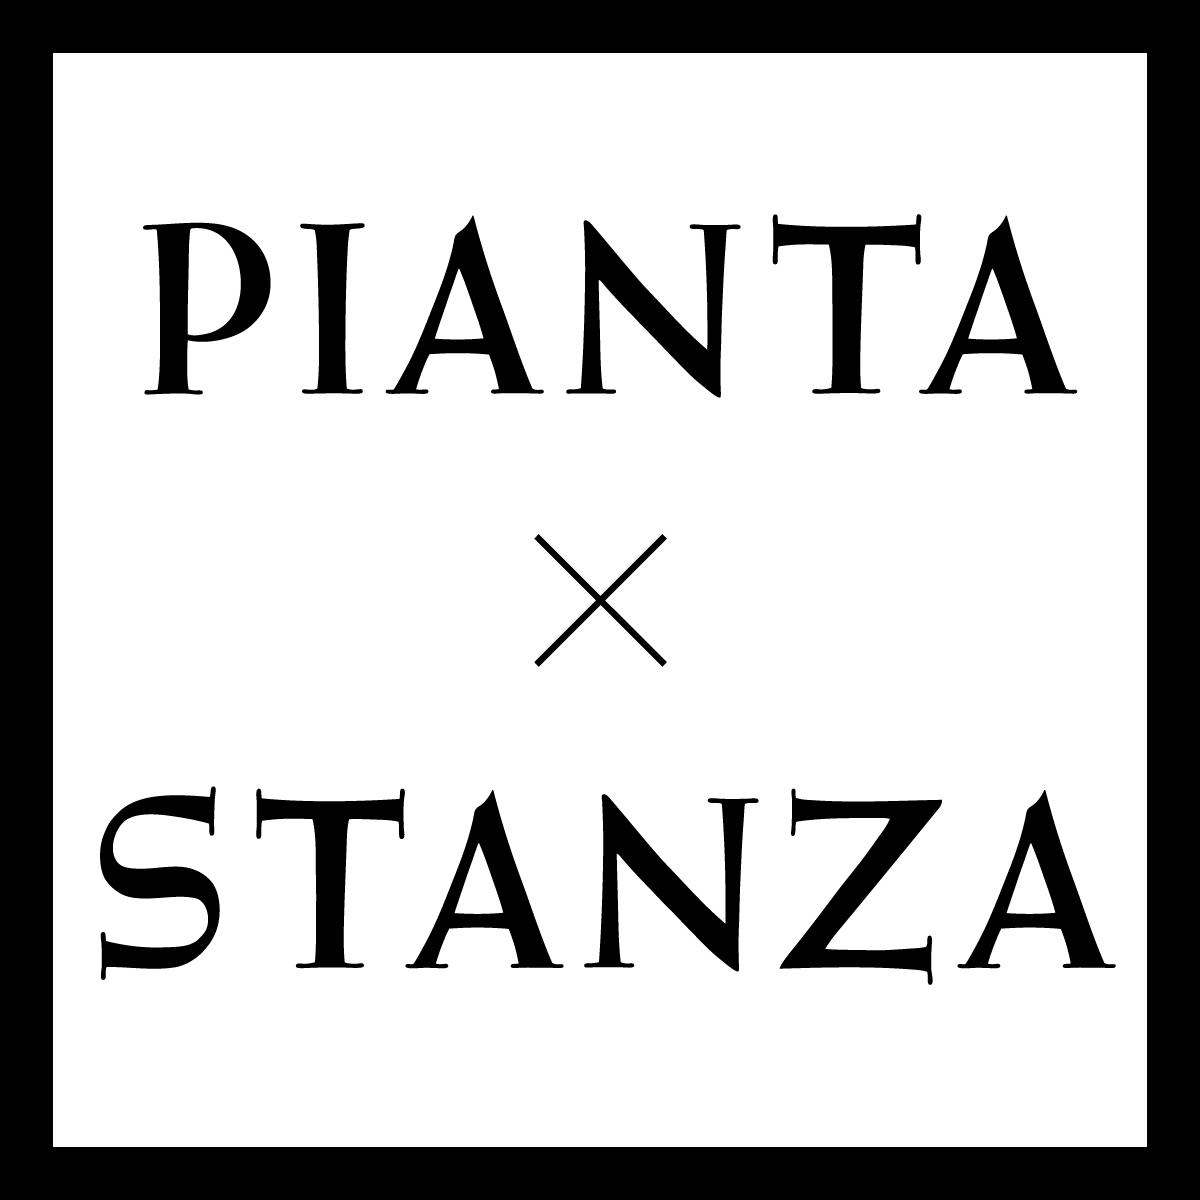 PIANTA STANZA_ロゴ